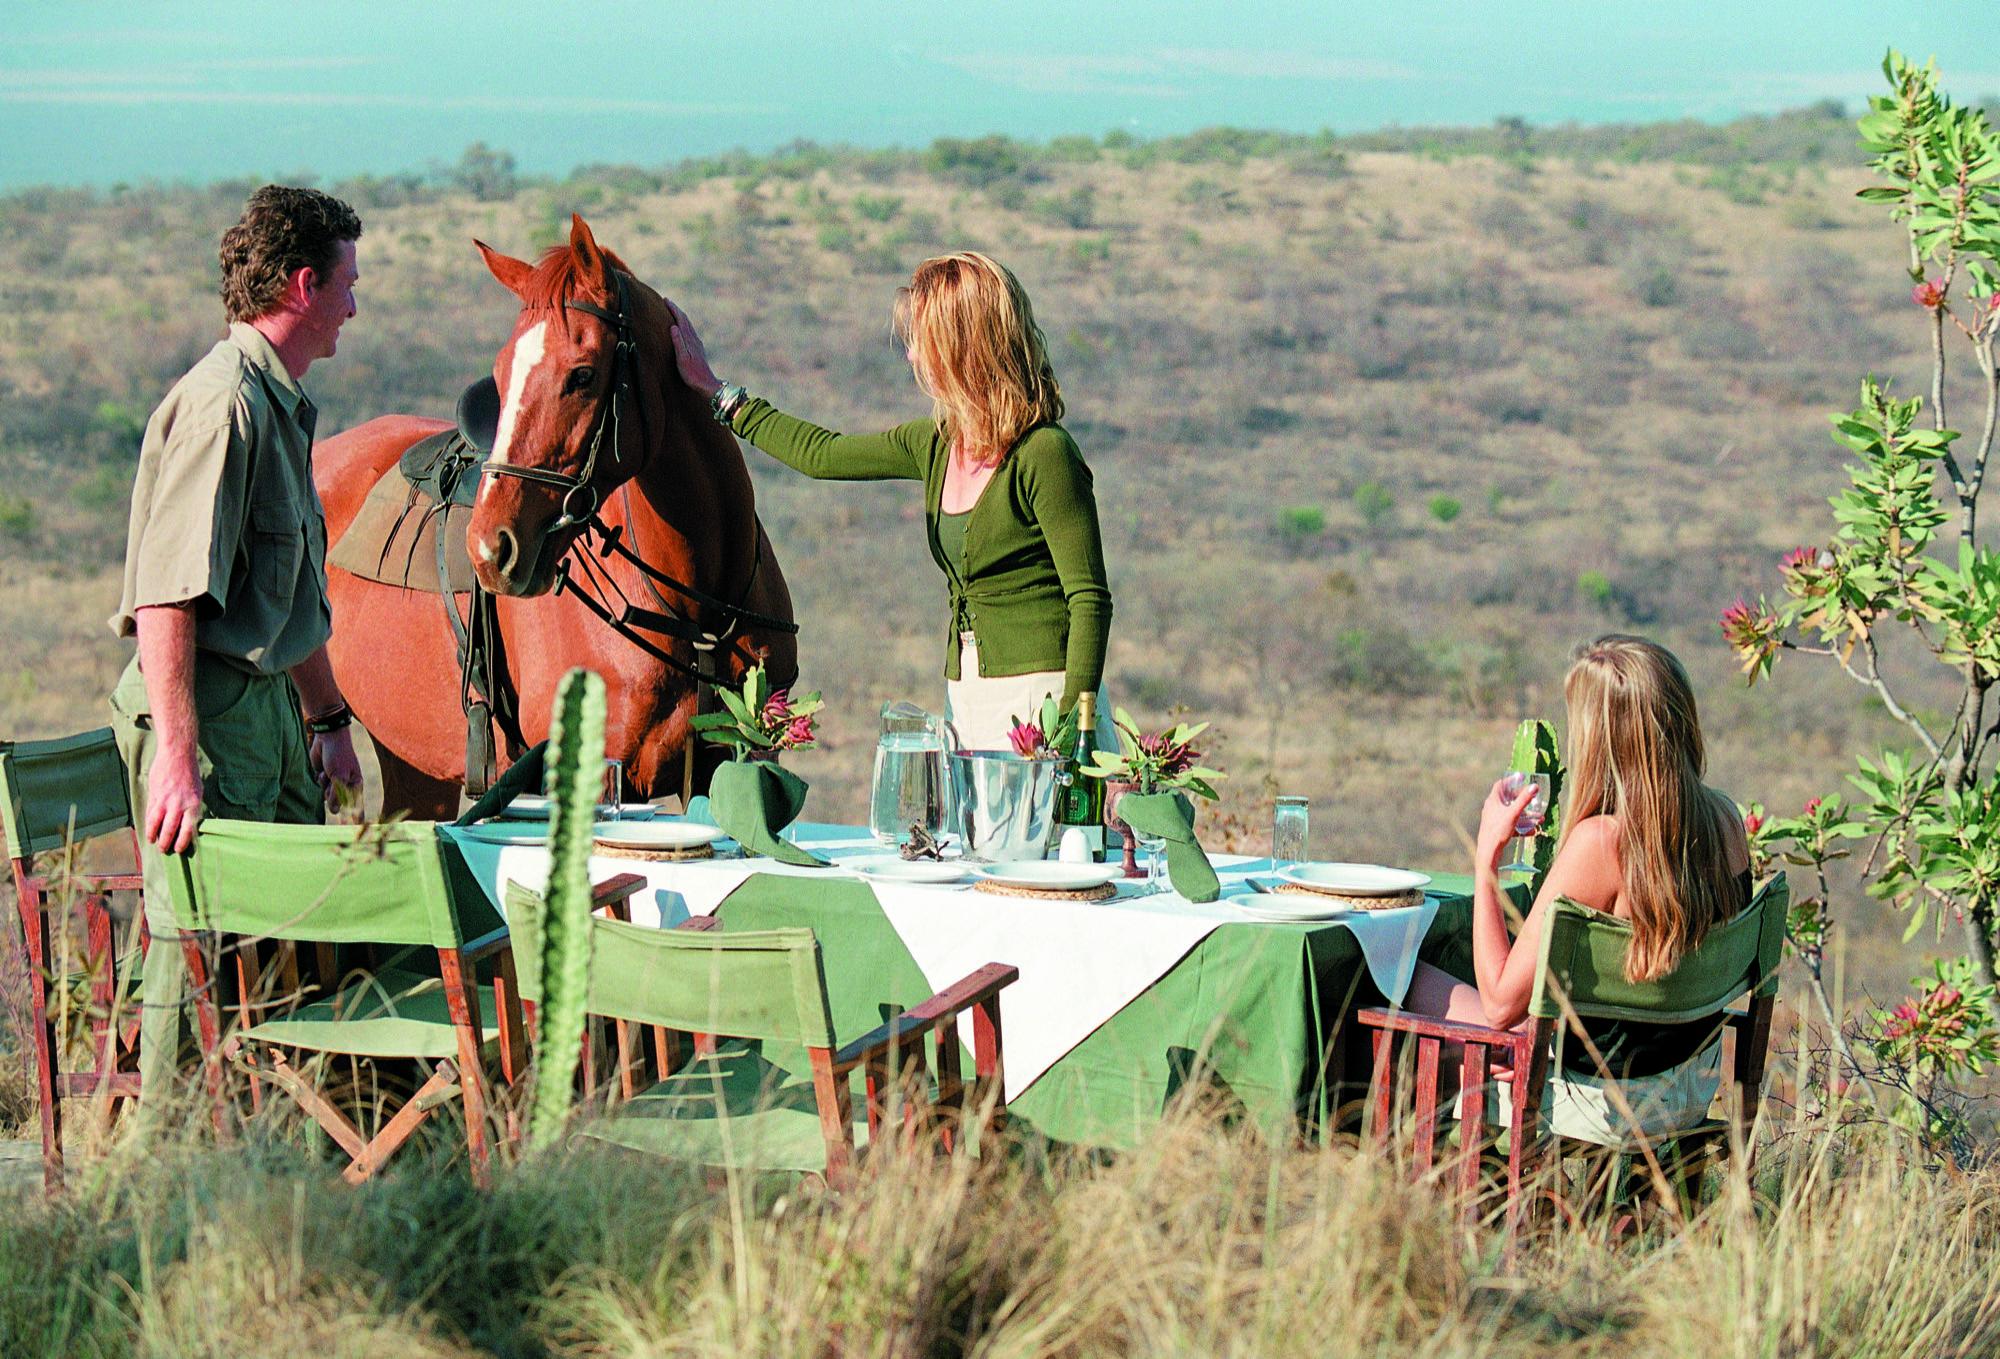 Lunchtime in Ants - Vakantie te paard / Reisbureau Perlan